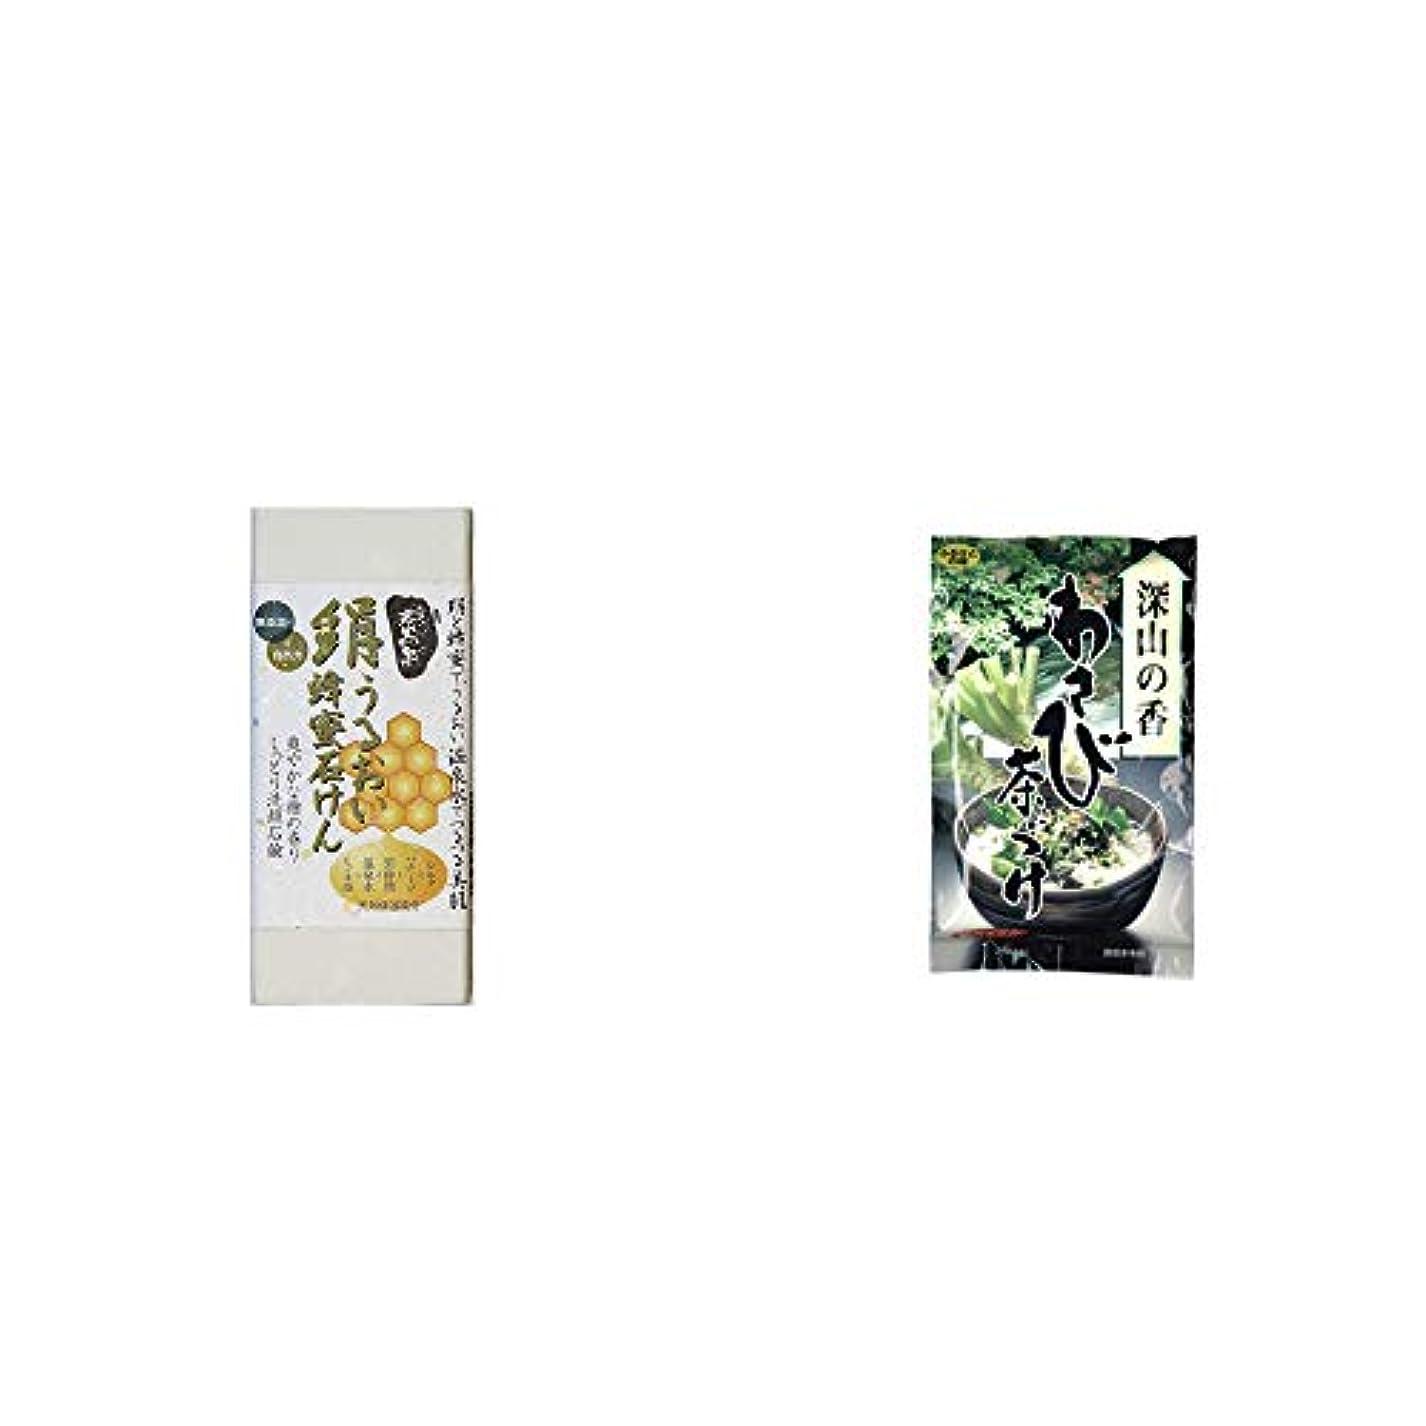 夕方振り返る弱点[2点セット] ひのき炭黒泉 絹うるおい蜂蜜石けん(75g×2)?特選茶漬け 深山の香 わさび茶づけ(10袋入)